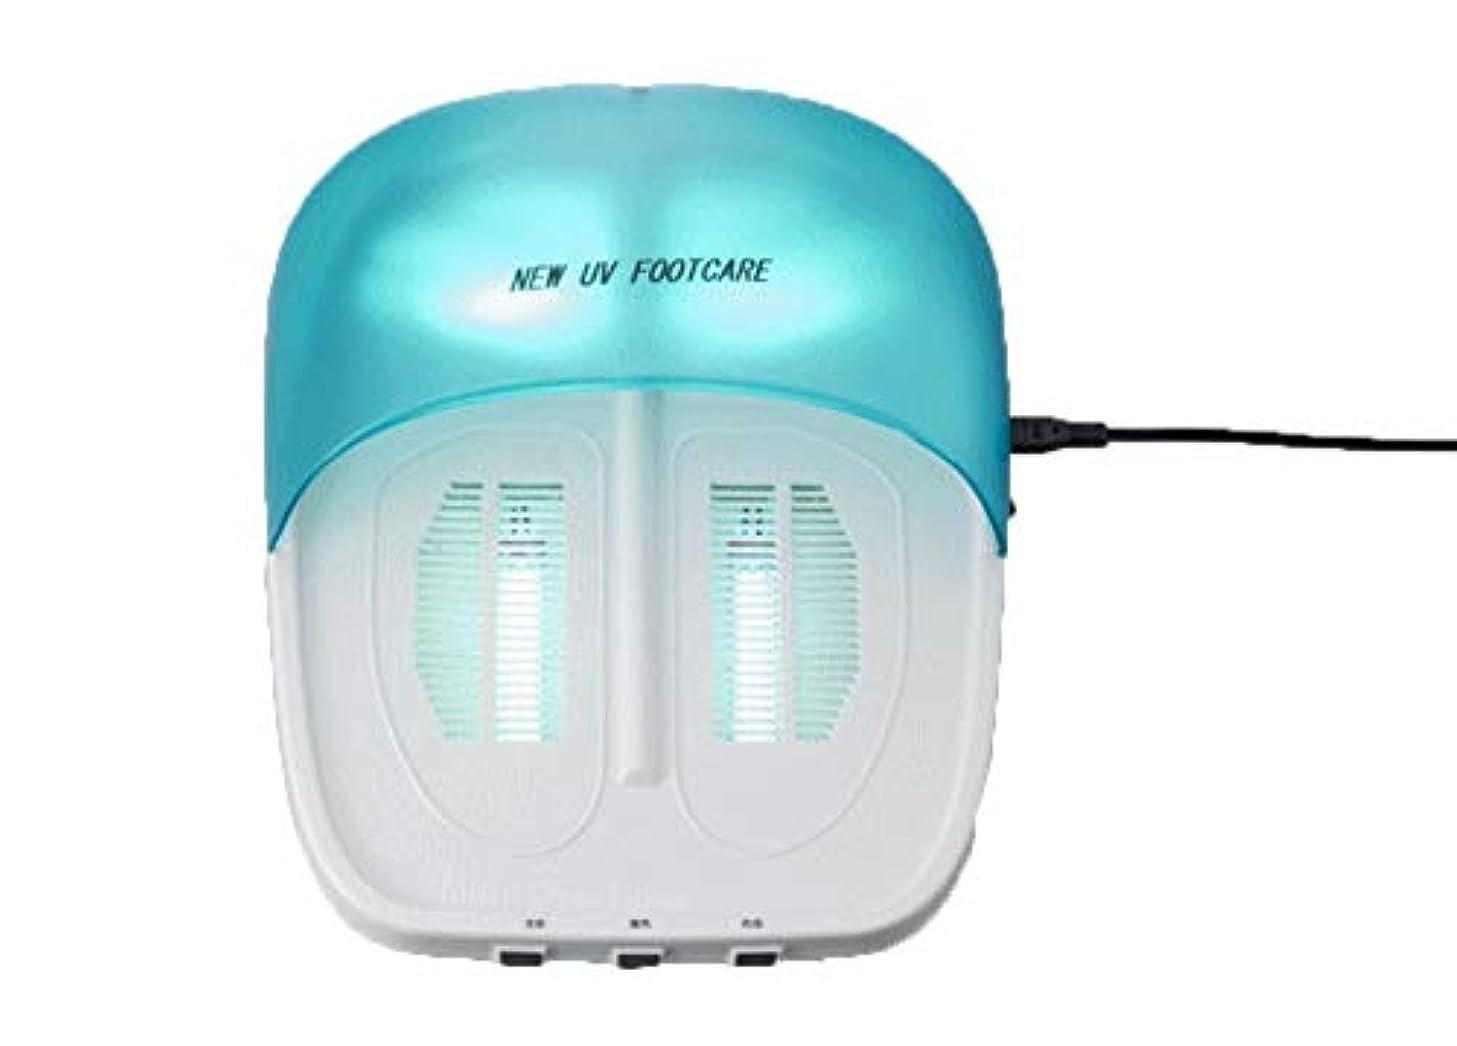 ほんの背が高いアピール家庭用紫外線治療器 UVフットケア